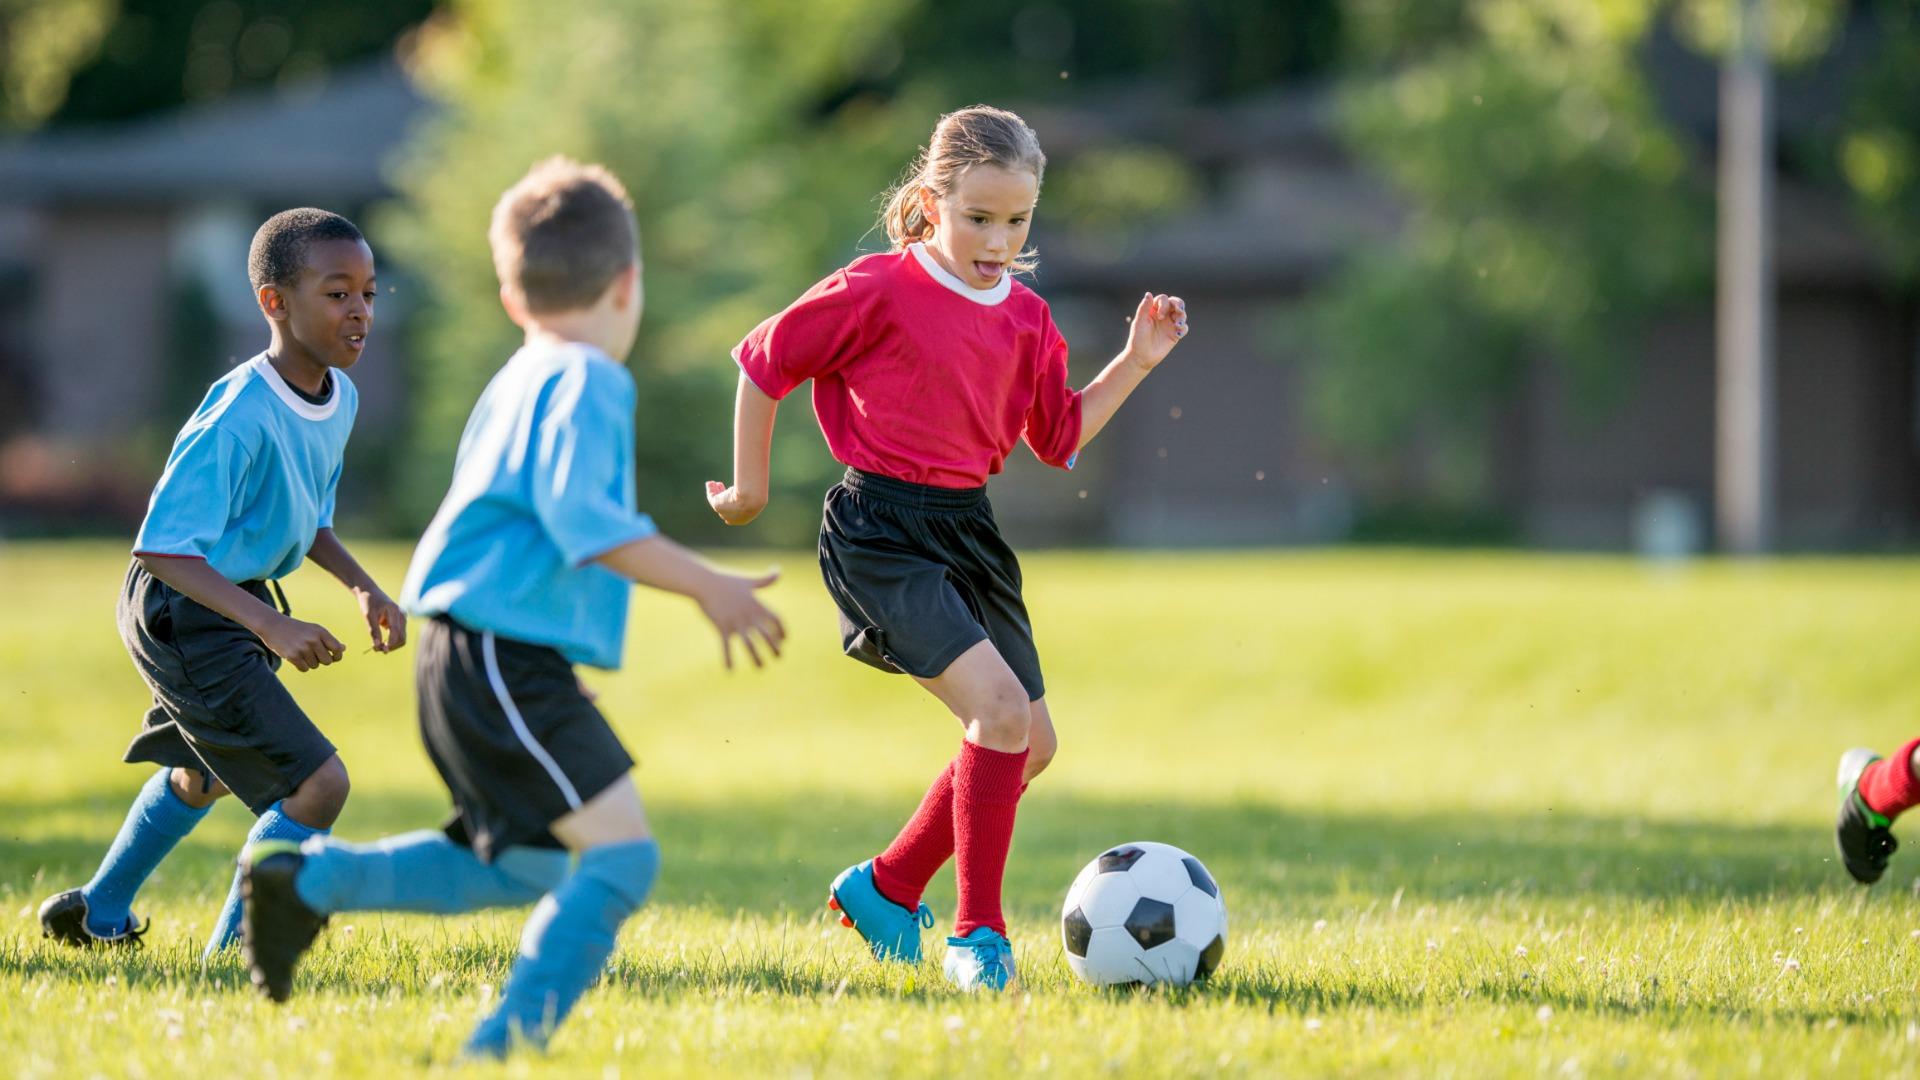 Trẻ em có thế sử dụng giày bóng đá đinh cao trên mặt sân cỏ tự nhiên, sân cỏ nhân tạo loại đẹp có nền sân xốp